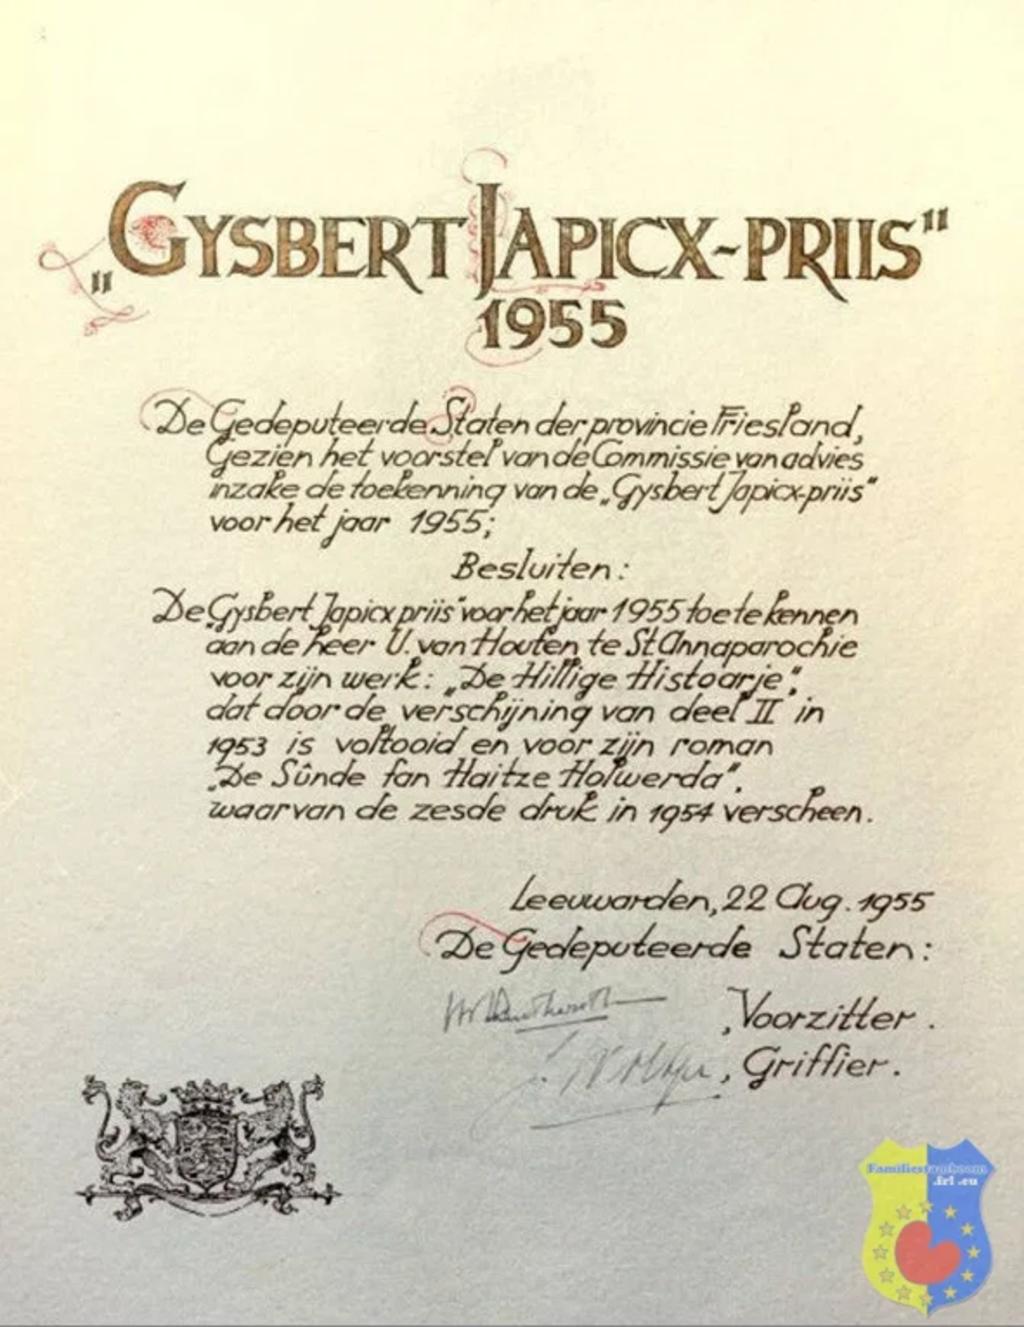 """Gysbert Japicx-priis is in 1955 toegekend aan Ulbe van Houten voor zijn voor """"De hillige histoarje"""" en de roman """"De sûnde fan Haitze Holwerda""""  © bildt.nu"""